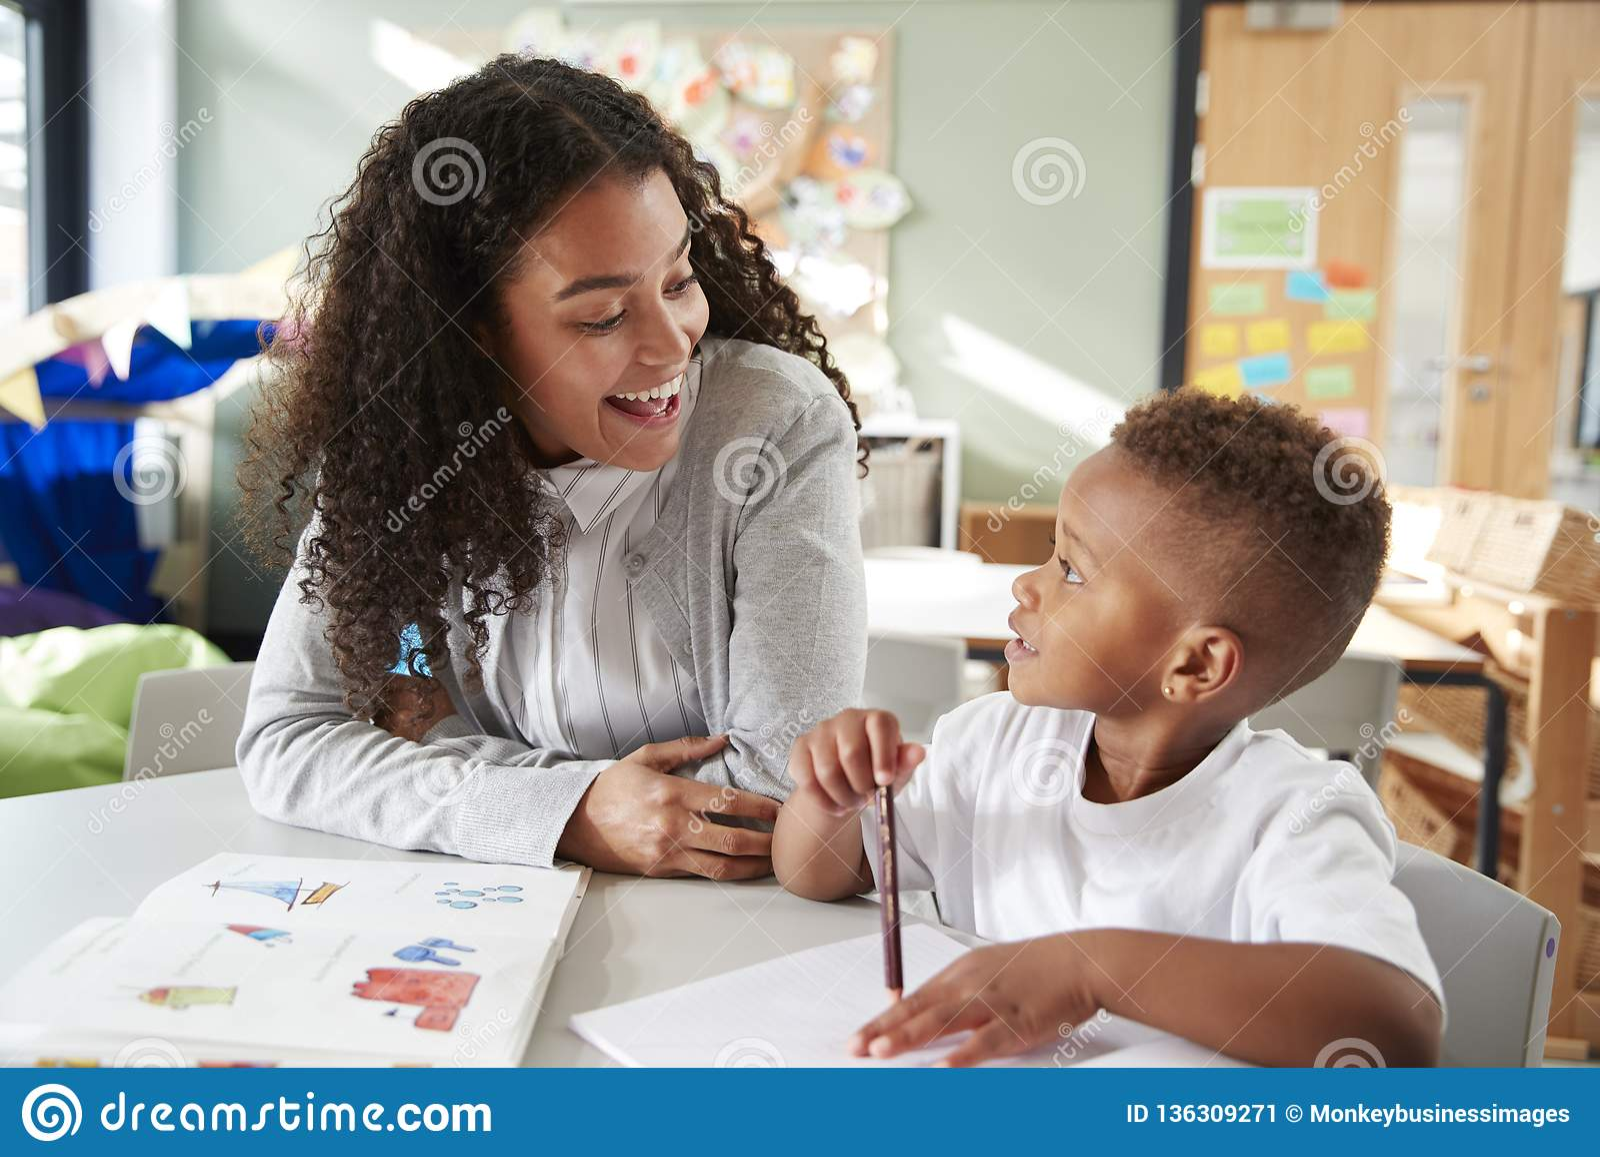 Женский младенческий школьный учитель работая одно на одном с молодым школьником, сидя на таблице усмехаясь на одине другого, кон